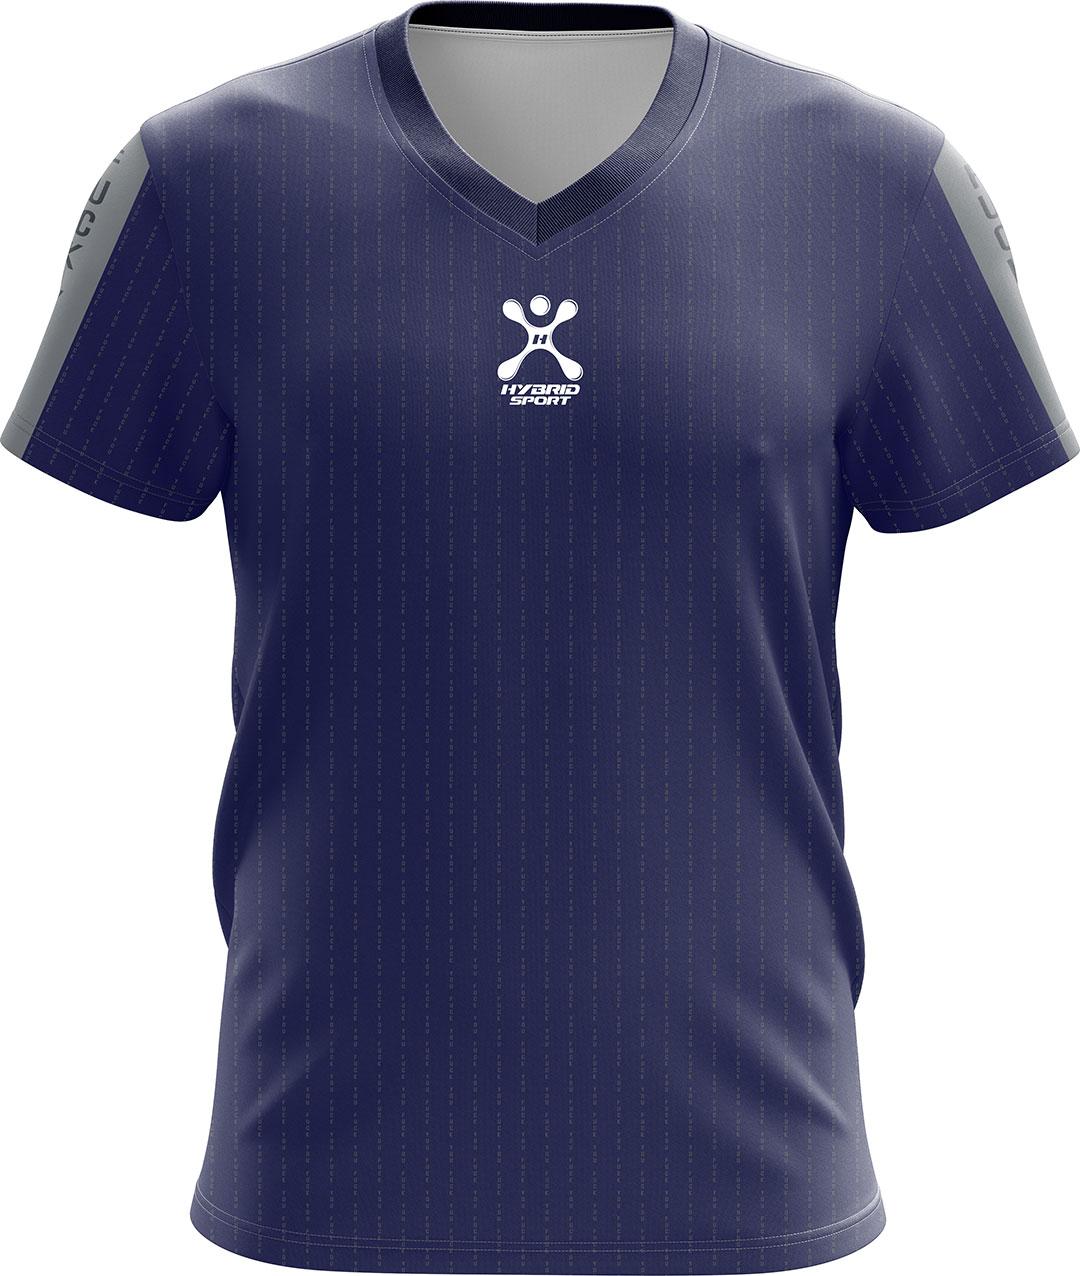 เสื้อ Hybrid Sport รุ่น'' NEW Fxxk You''Limited Edition สีกรมท่า / Navy